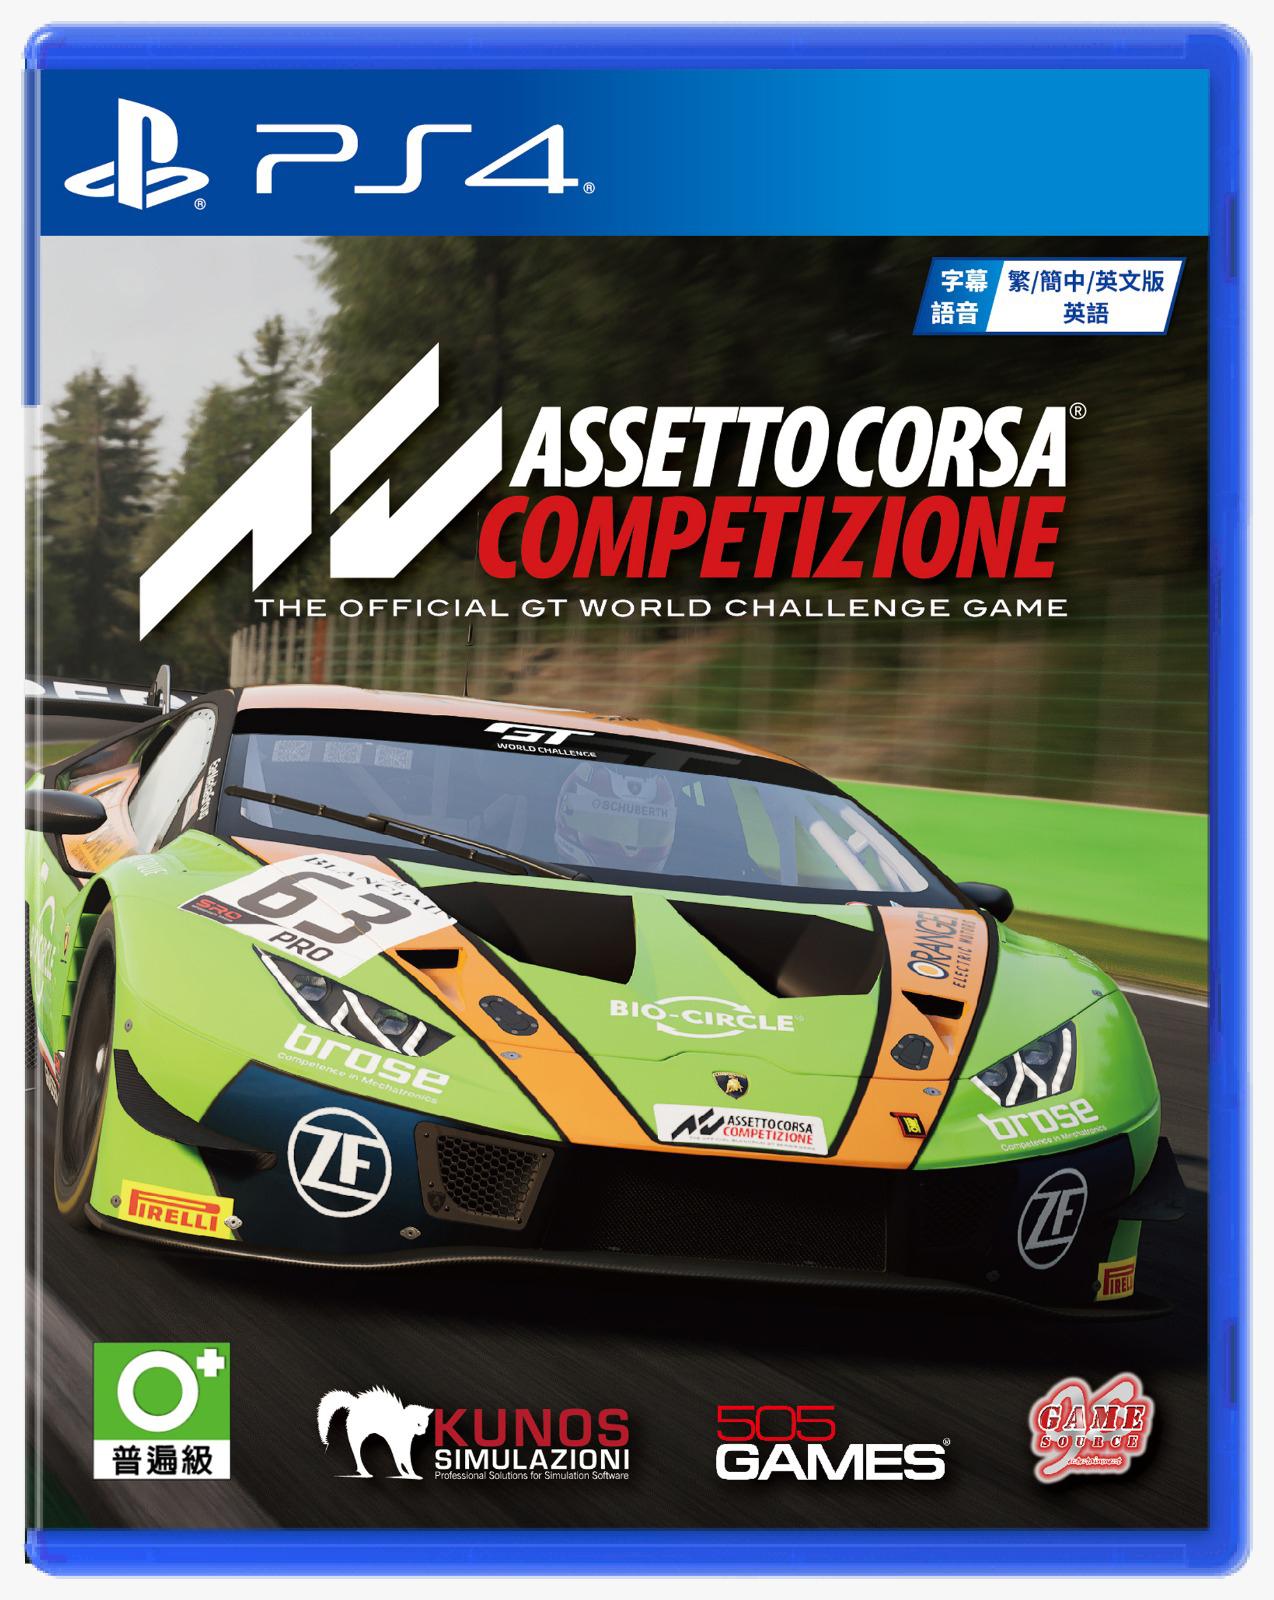 《神力科莎:竞速》被誉为专业赛车模拟器:已超越游戏